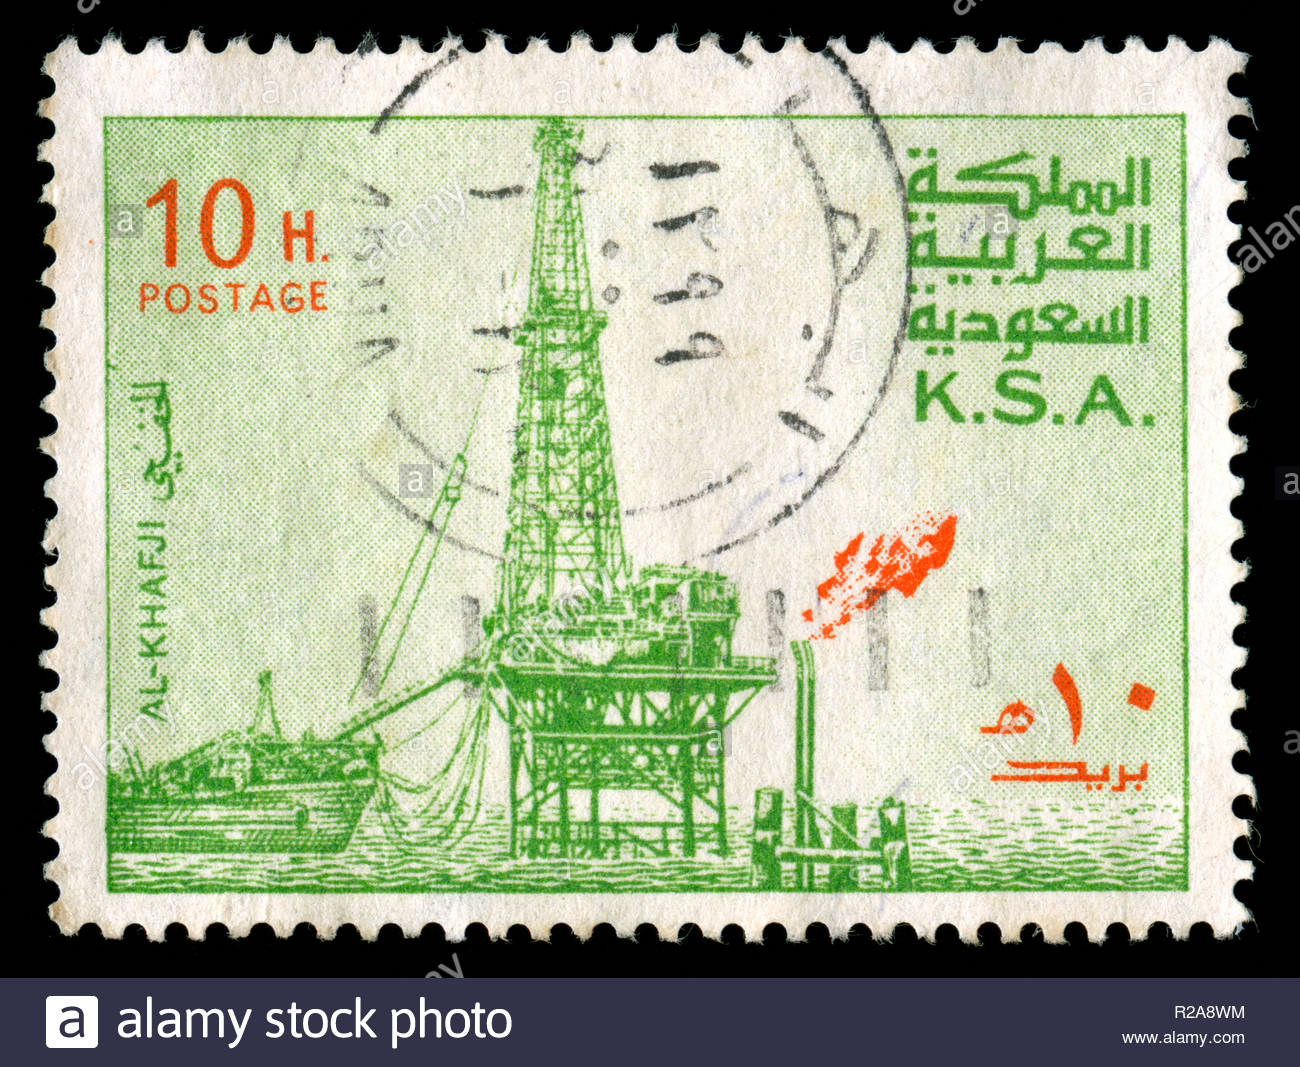 Postage stamp from Saudi Arabia in the Al Khafji Oil Rig series - Stock Image